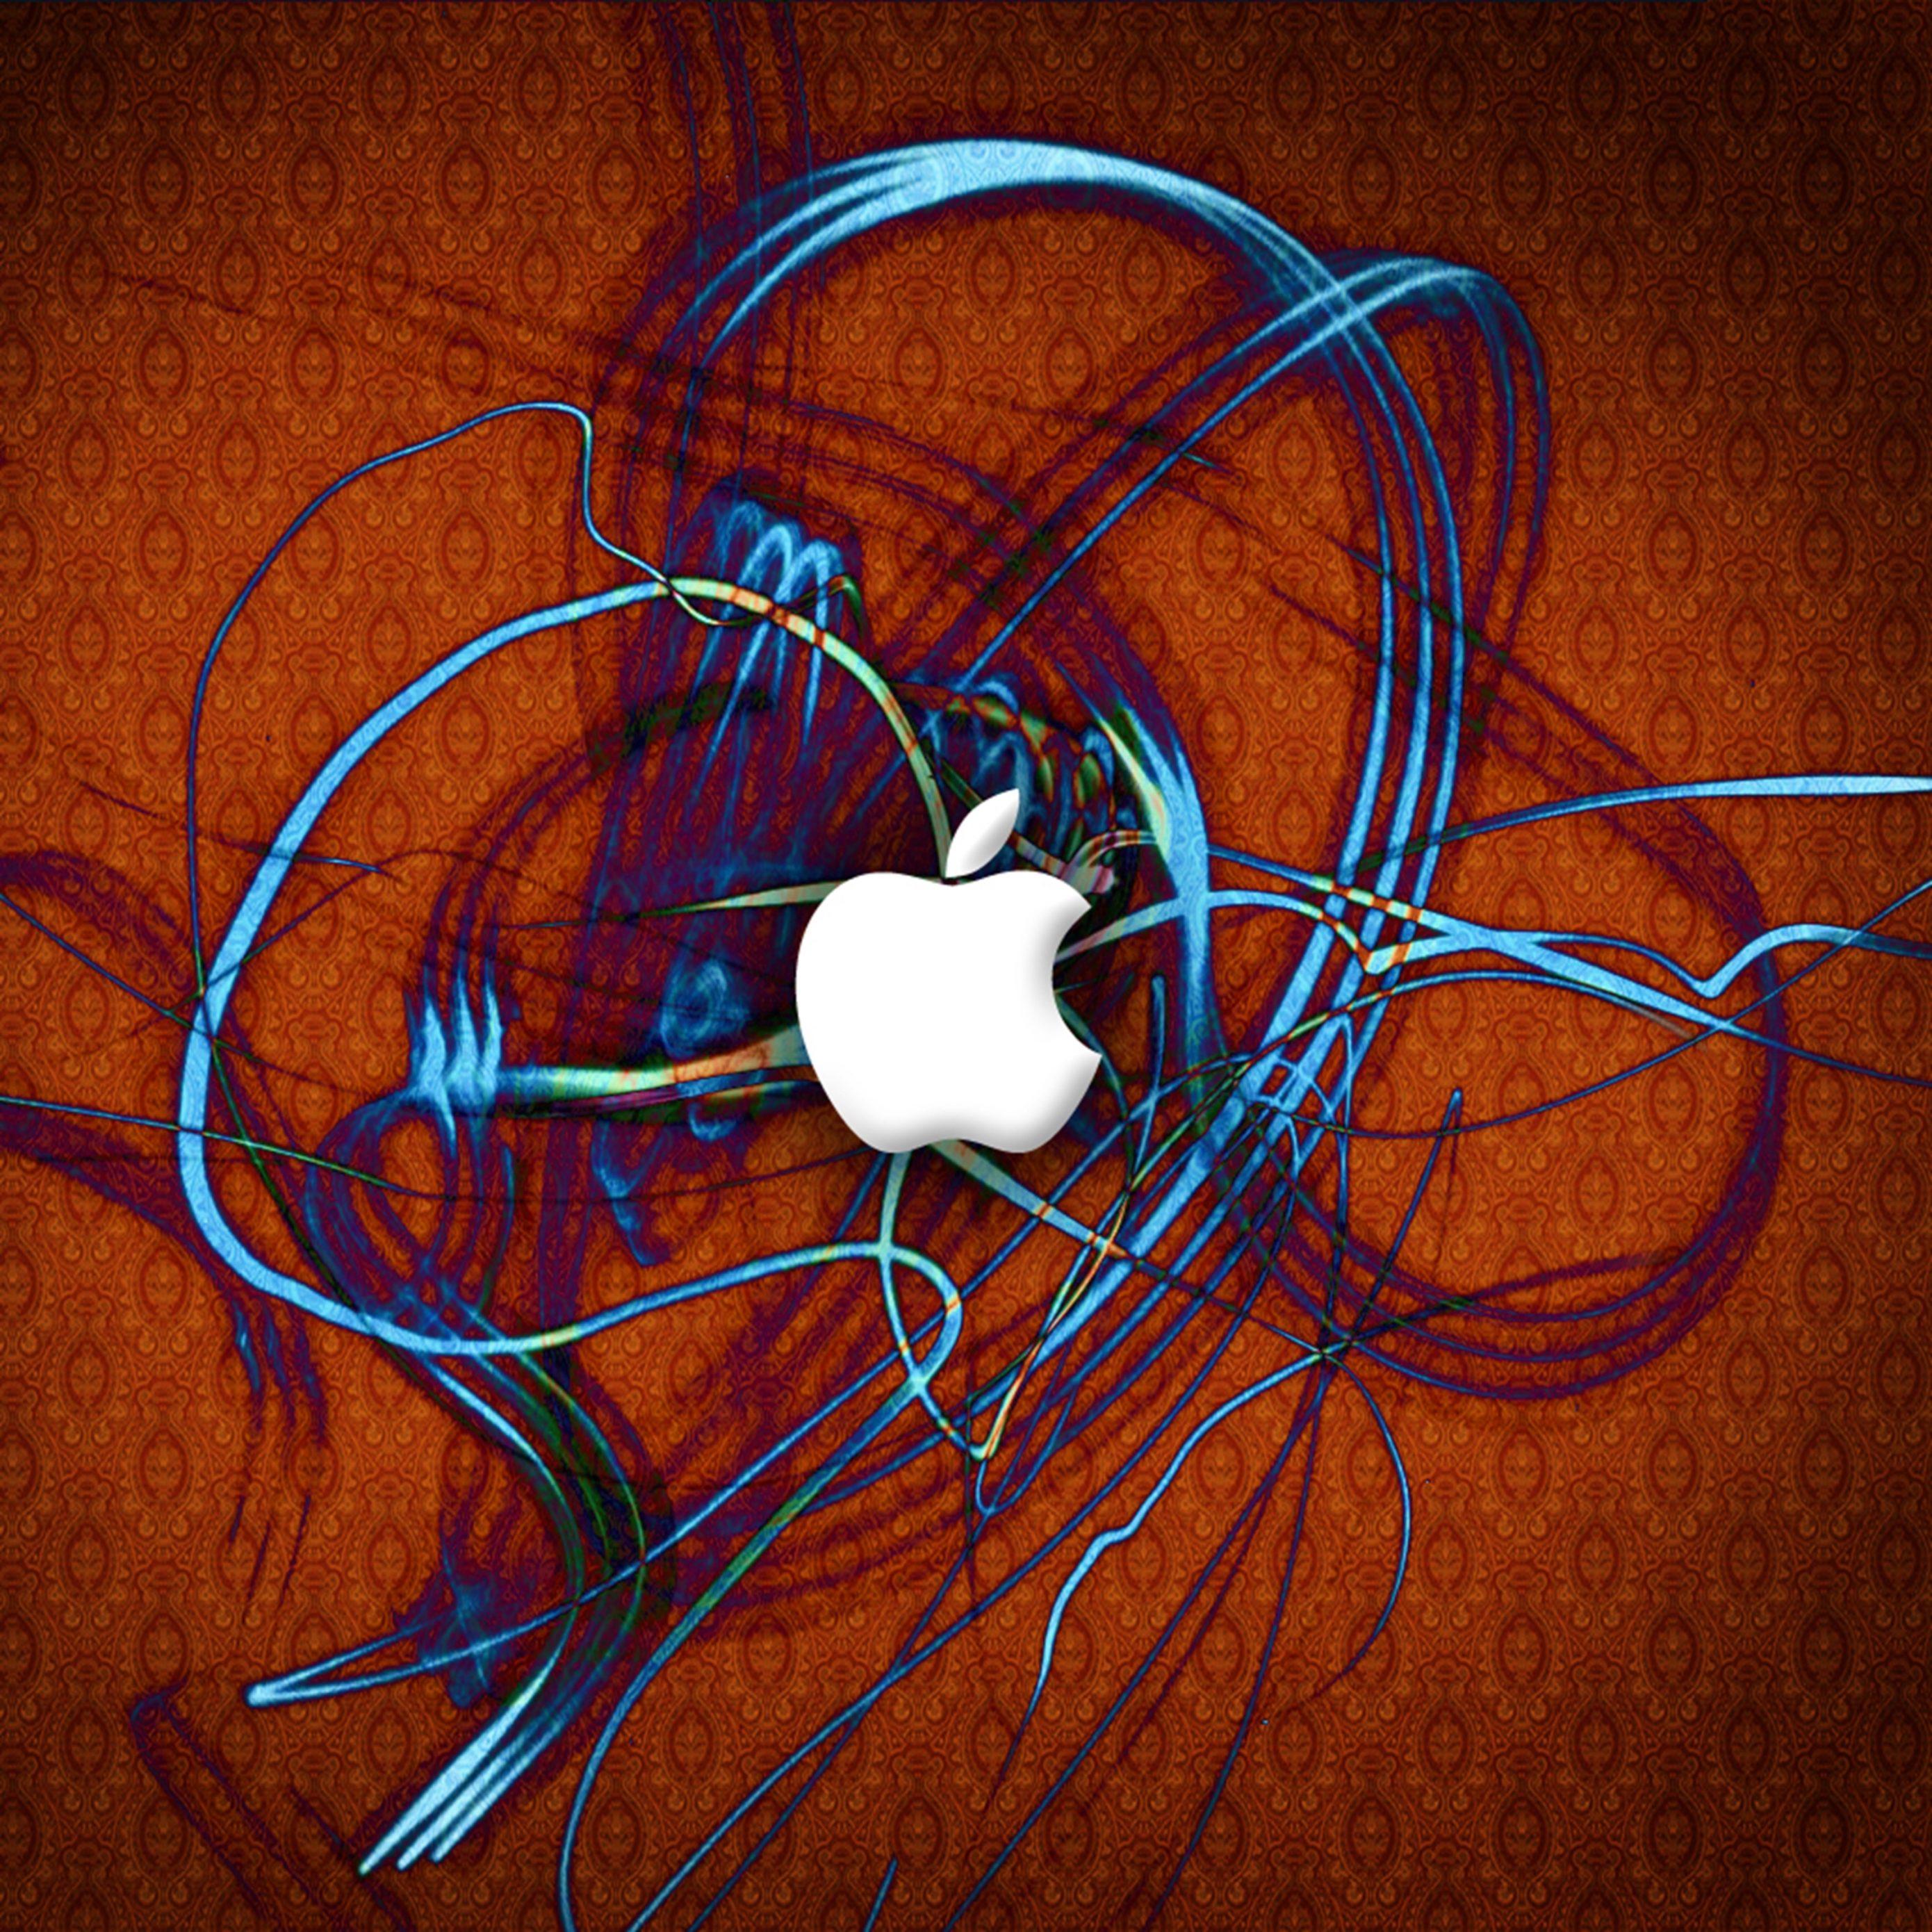 2780x2780 Parallax wallpaper 4k Apple Blue Ribbon Ipad Wallpaper 2780x2780 pixels resolution